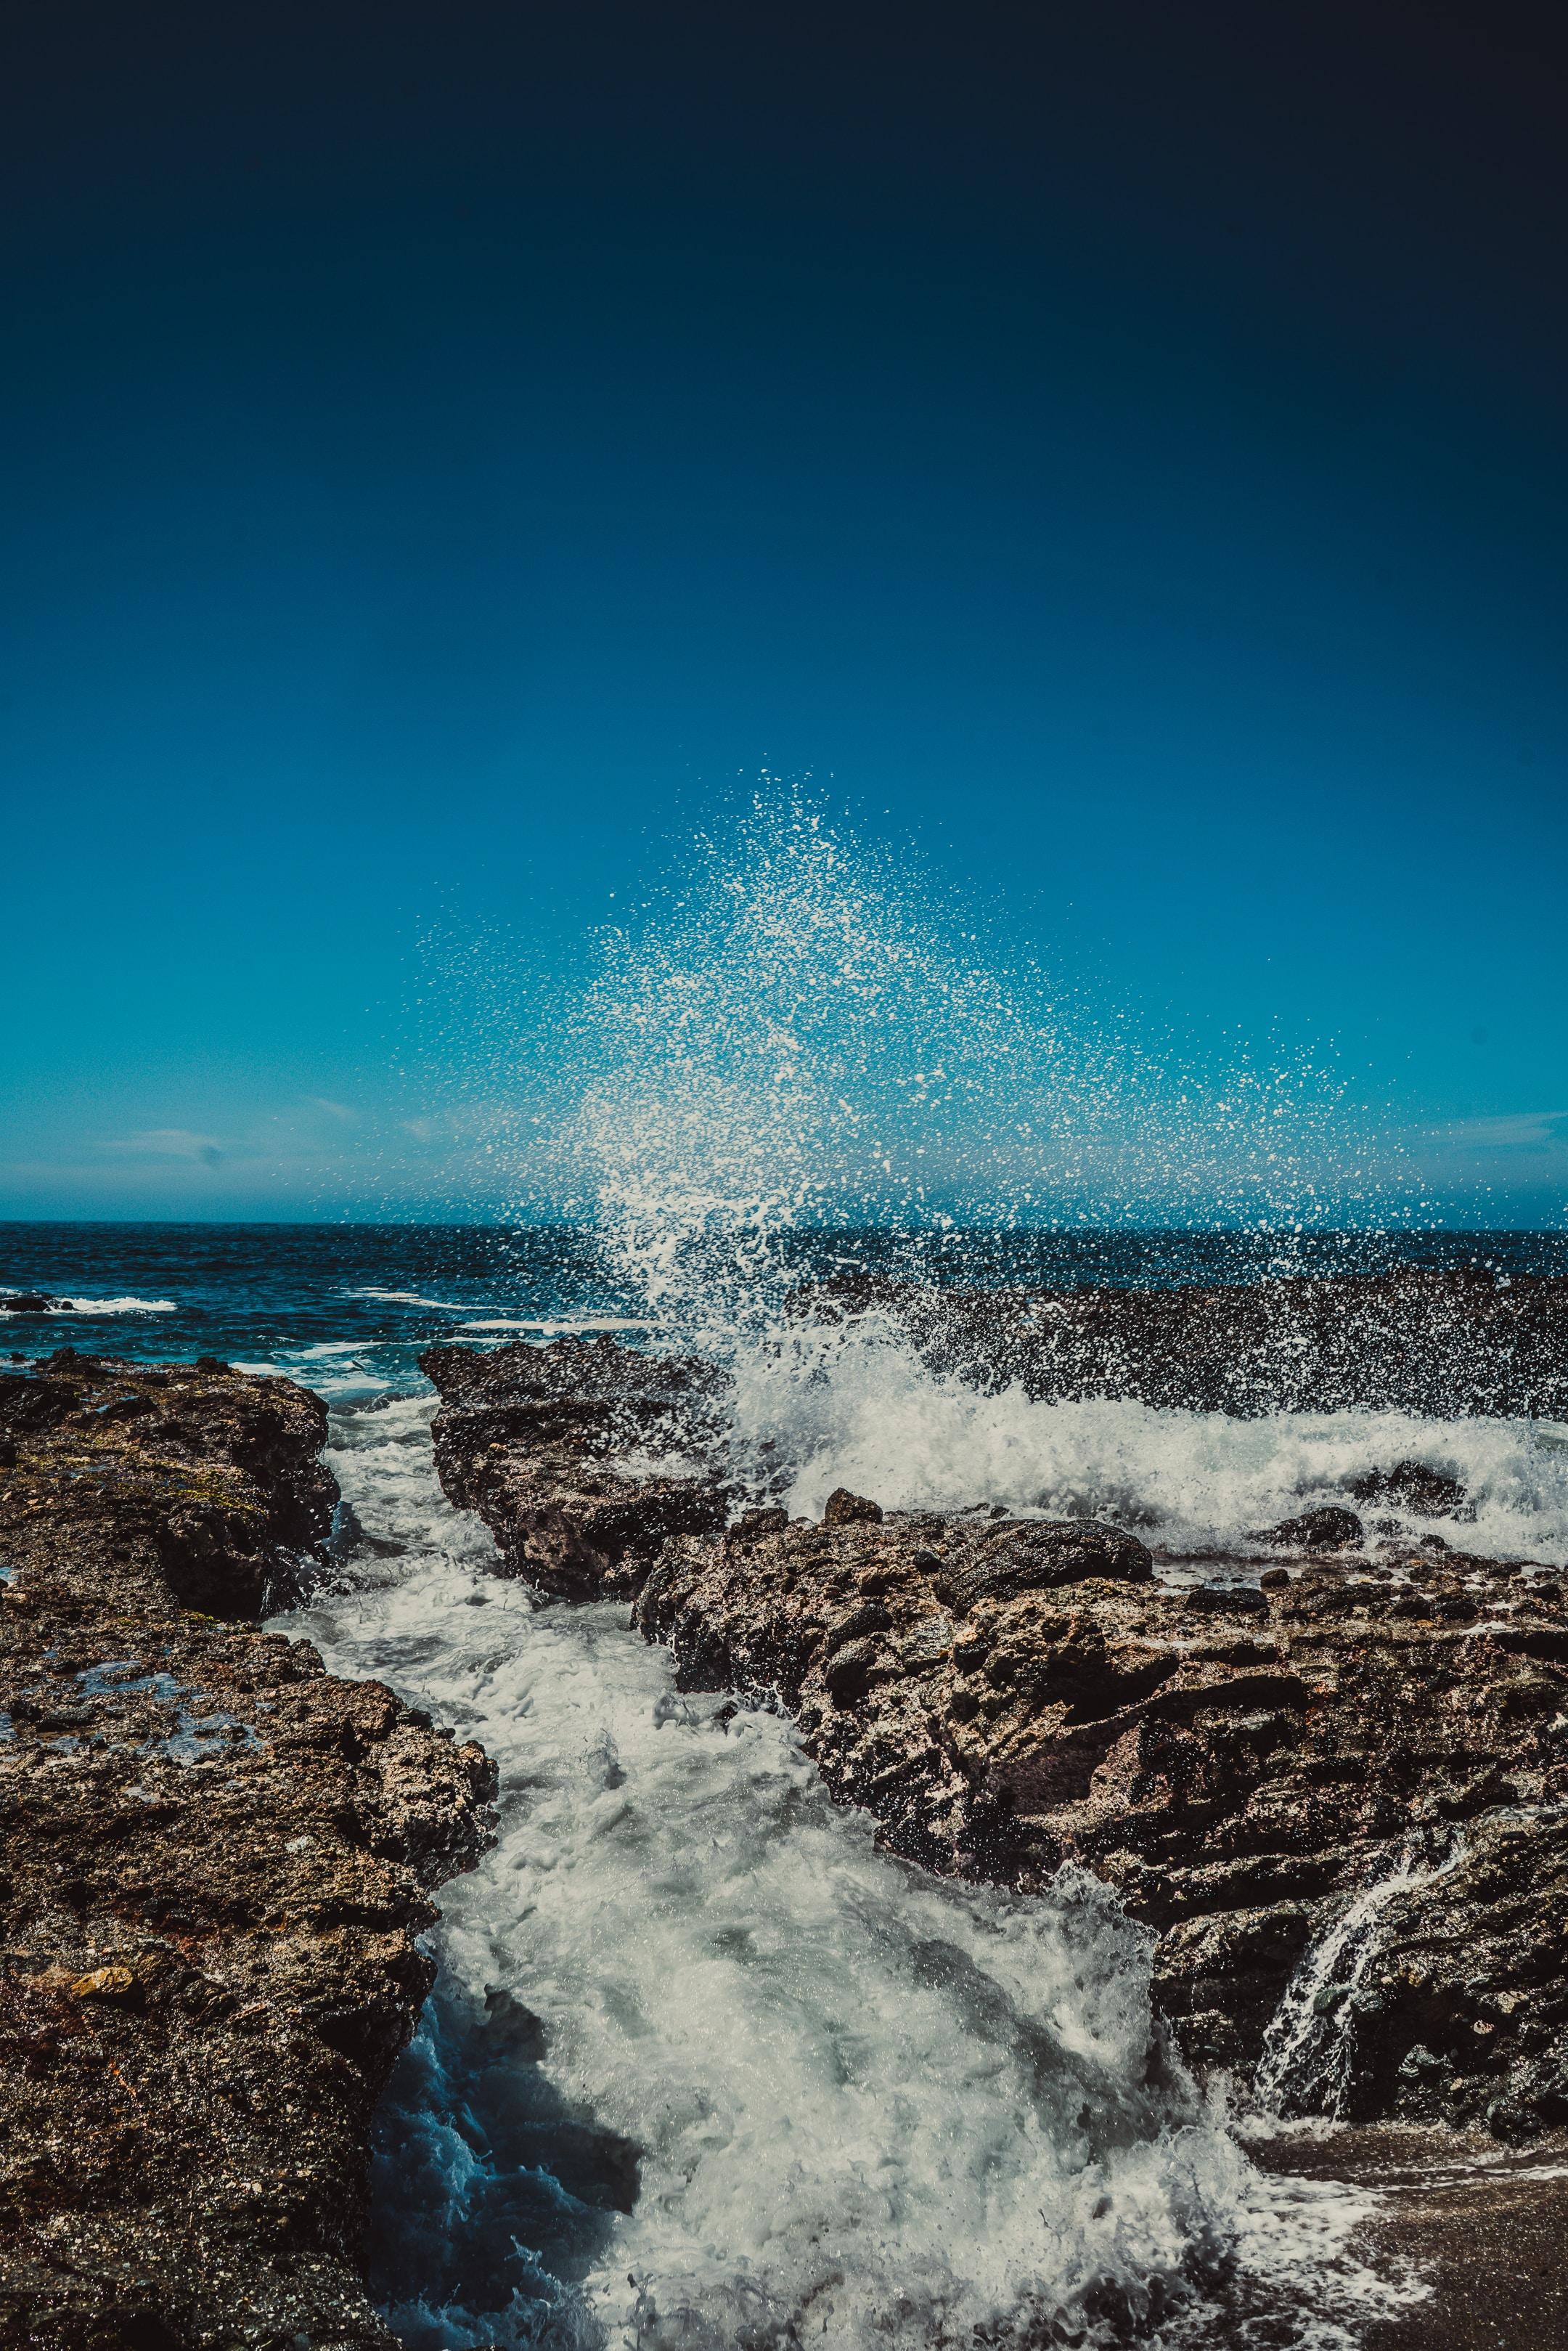 water splashing on rock under blue sky